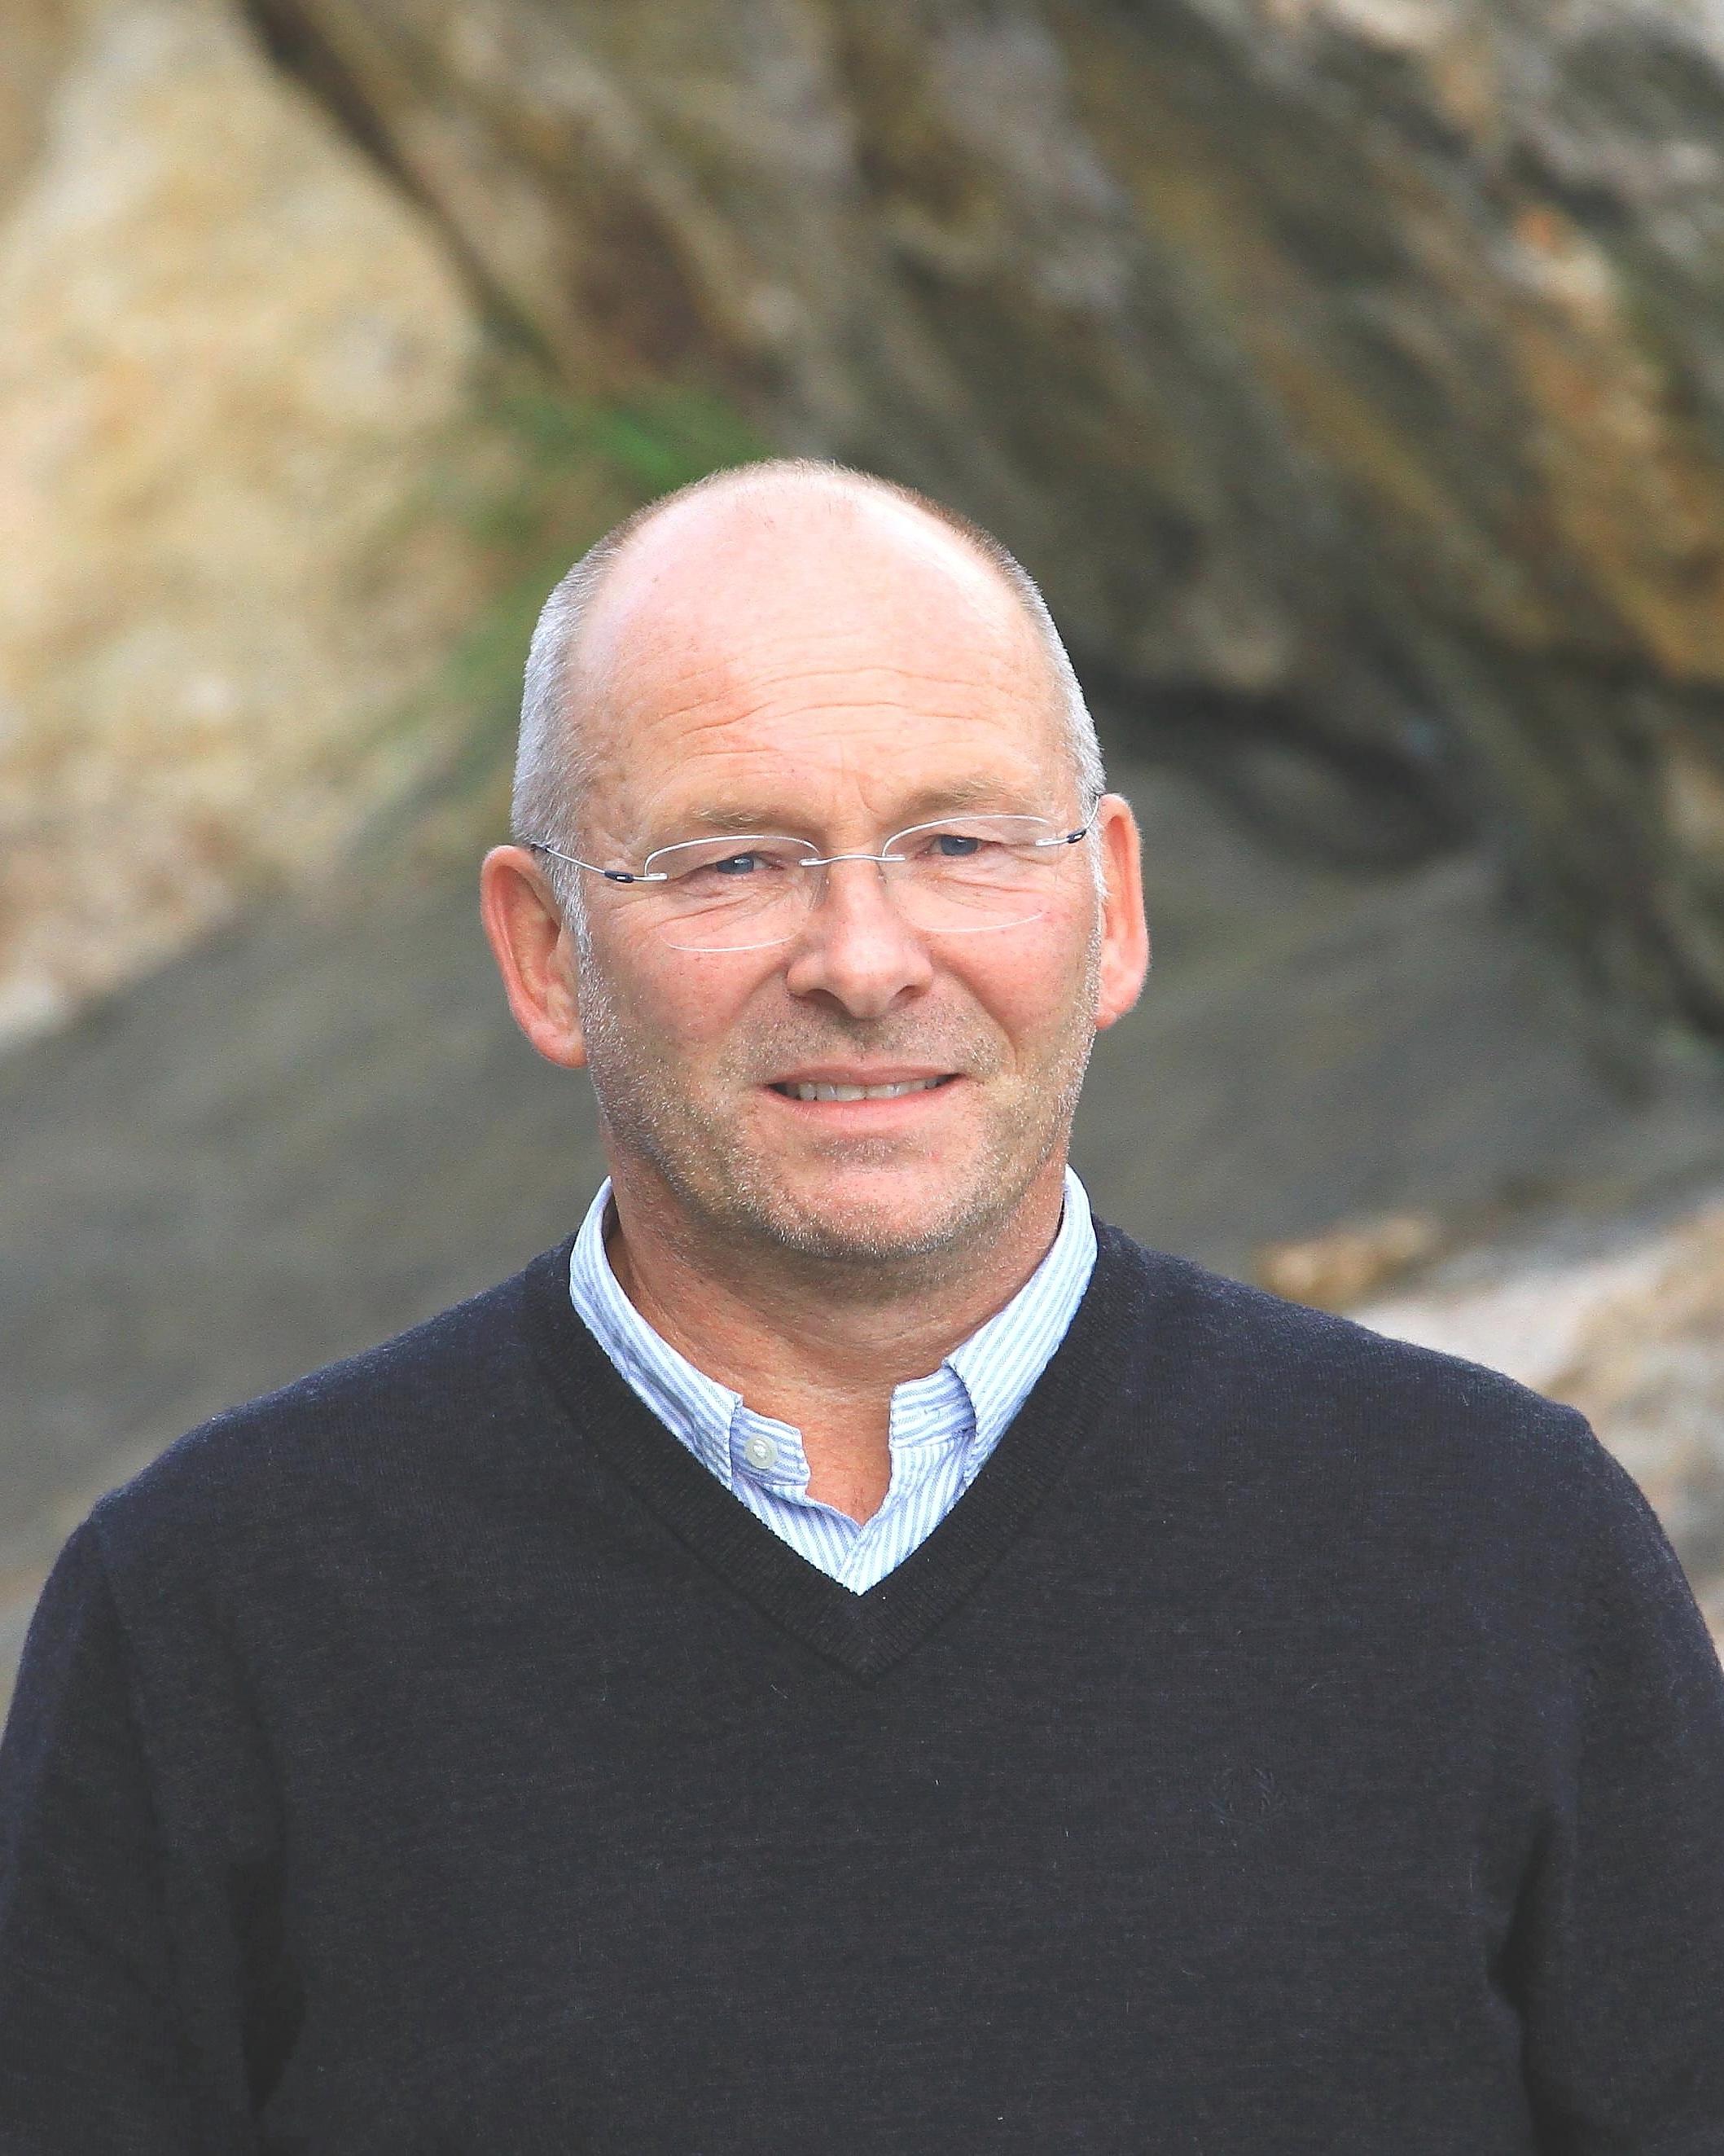 Petter Dønnestad Consultant Advisor ➤ Kristiansand (Sør Arena) ☎ +47 920 13 744 ✉ petter@advantek.no